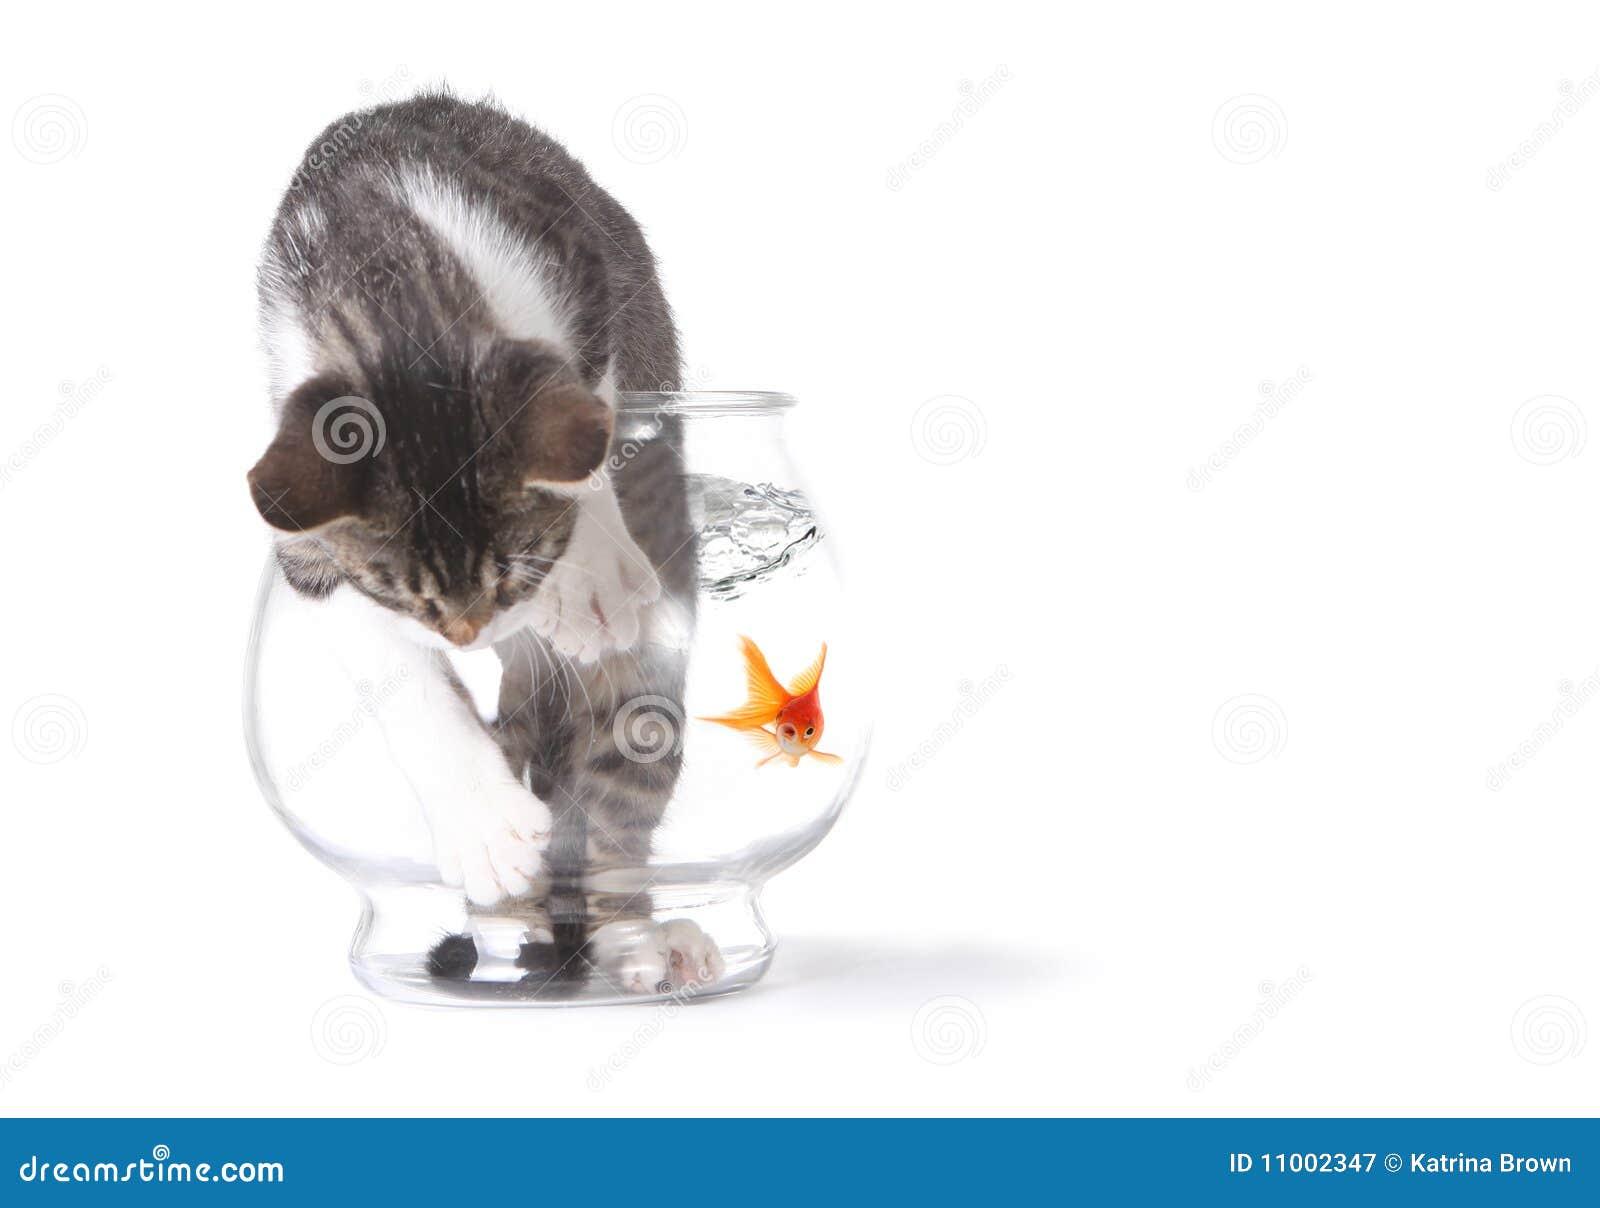 Mauvais chat dans un Fishbowl se conduisant mal